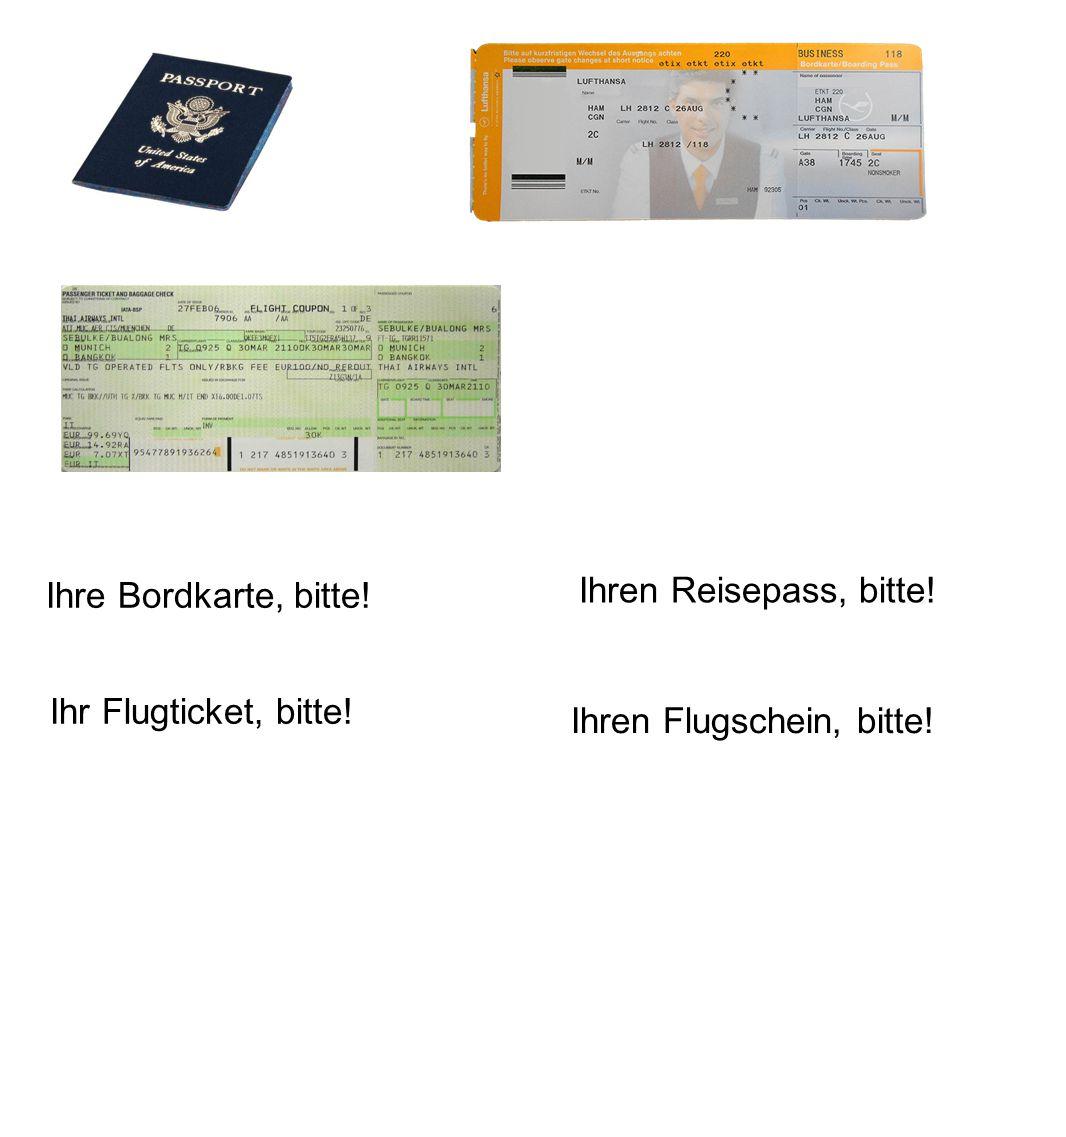 Ihren Reisepass, bitte! Ihre Bordkarte, bitte! Ihr Flugticket, bitte! Ihren Flugschein, bitte!